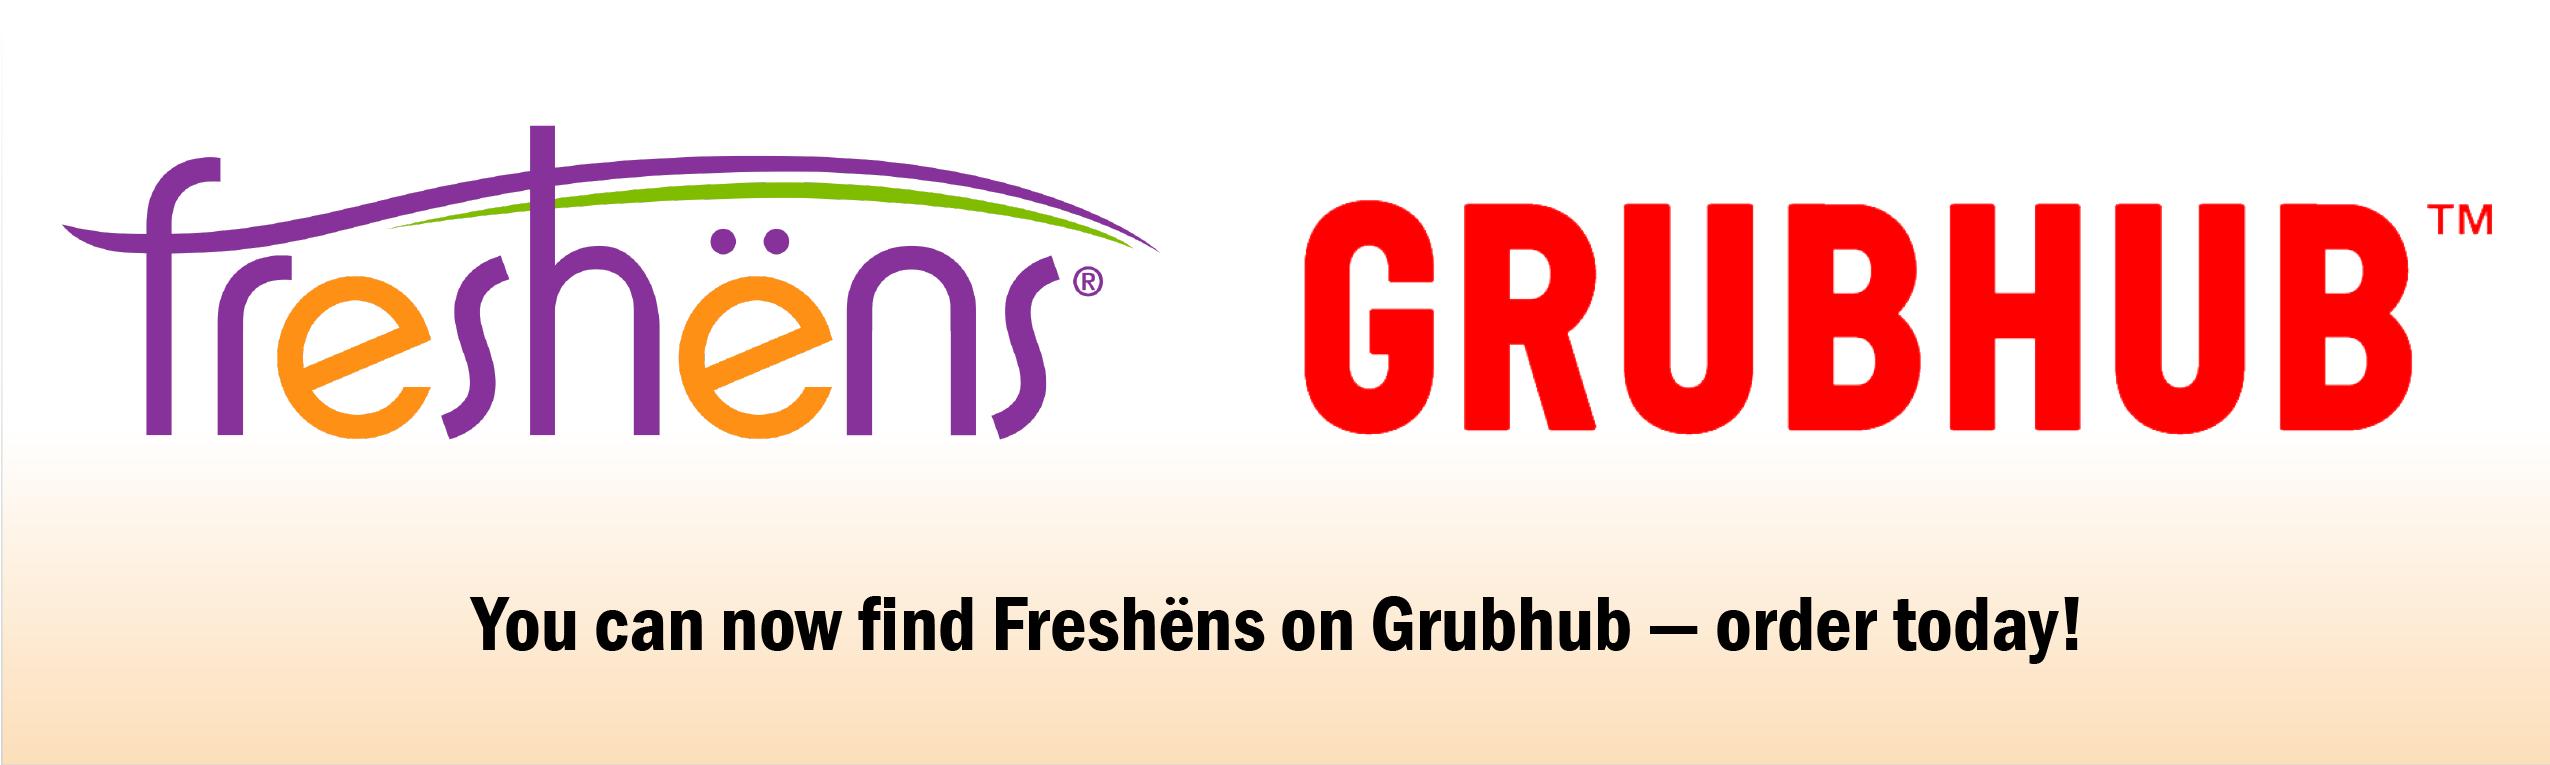 Freshens on Grubhub